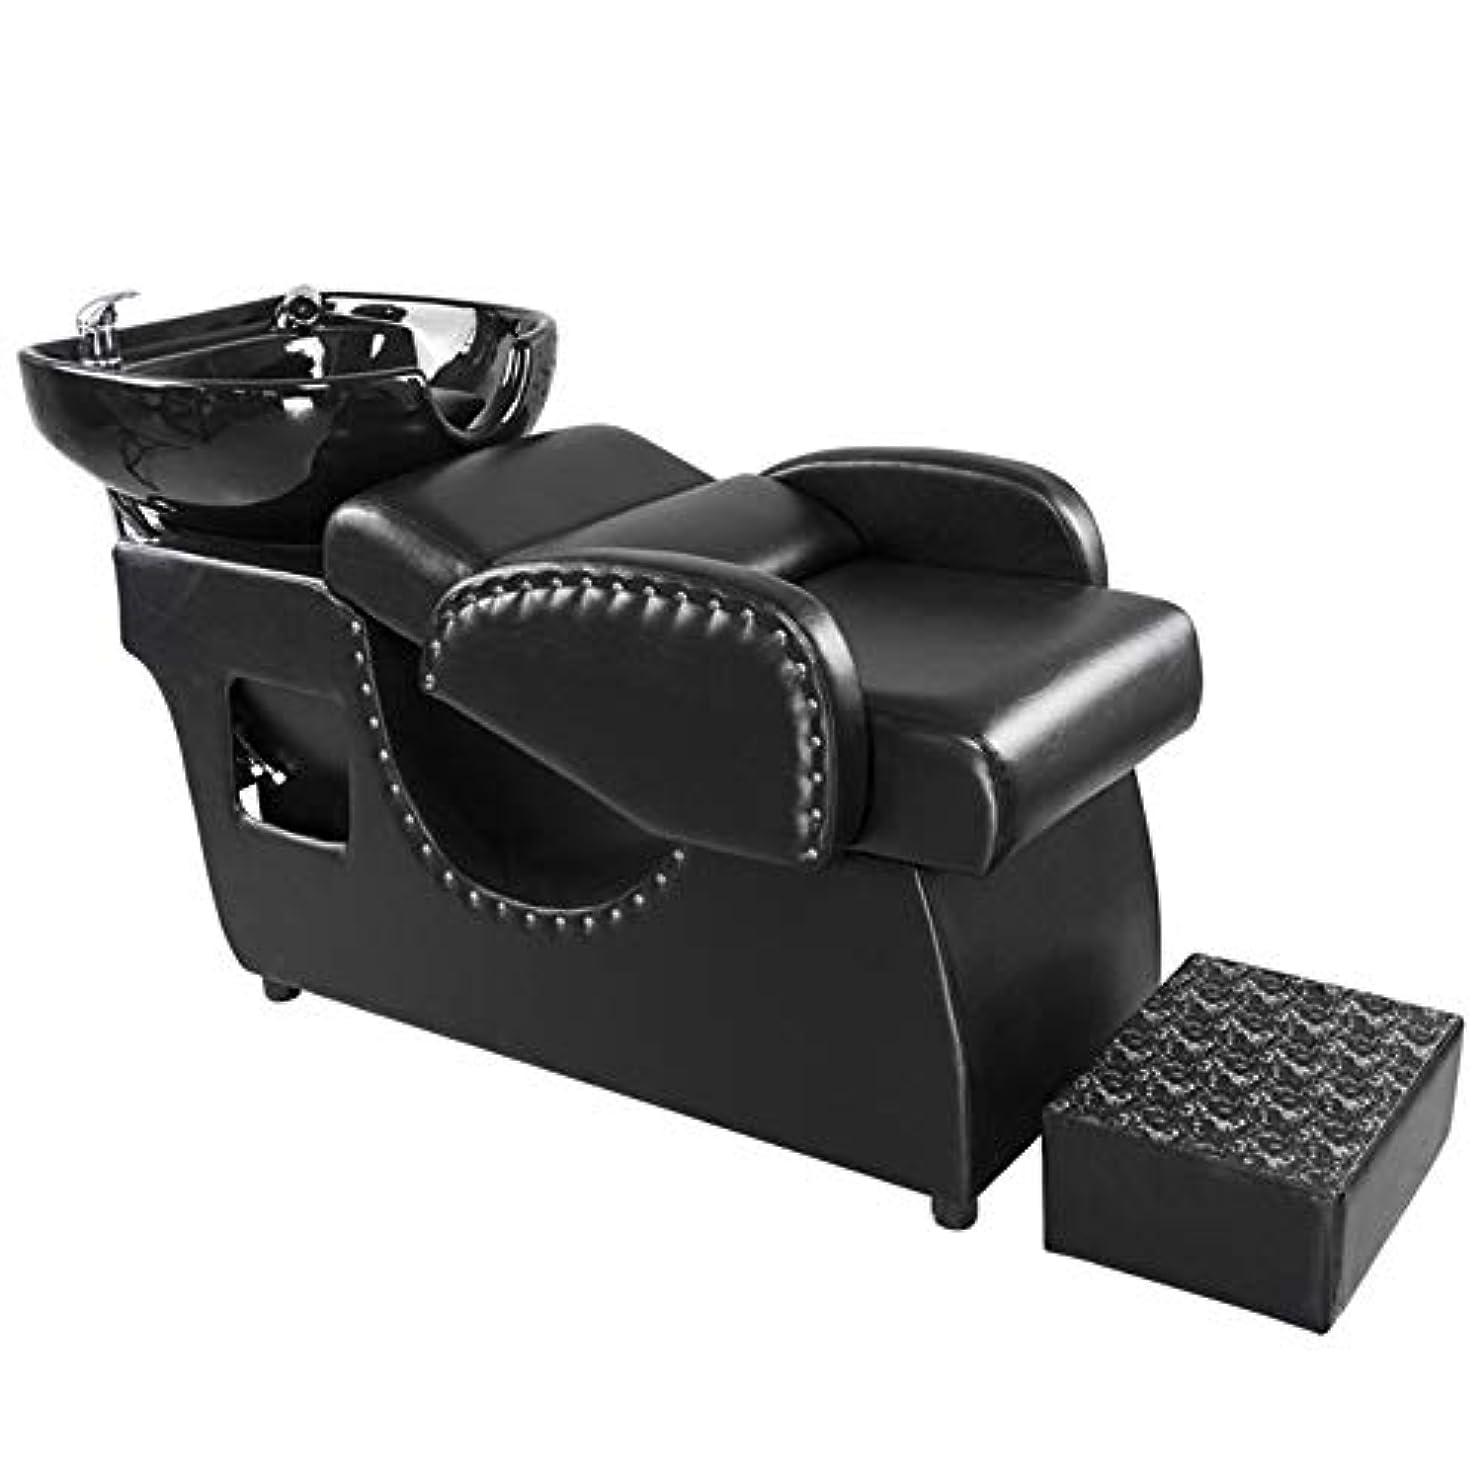 メモ尊敬する靴下シャンプーの理髪師の逆洗の椅子、鉱泉の美容院のためのベッドを洗う陶磁器の洗面器の流しの流しの椅子